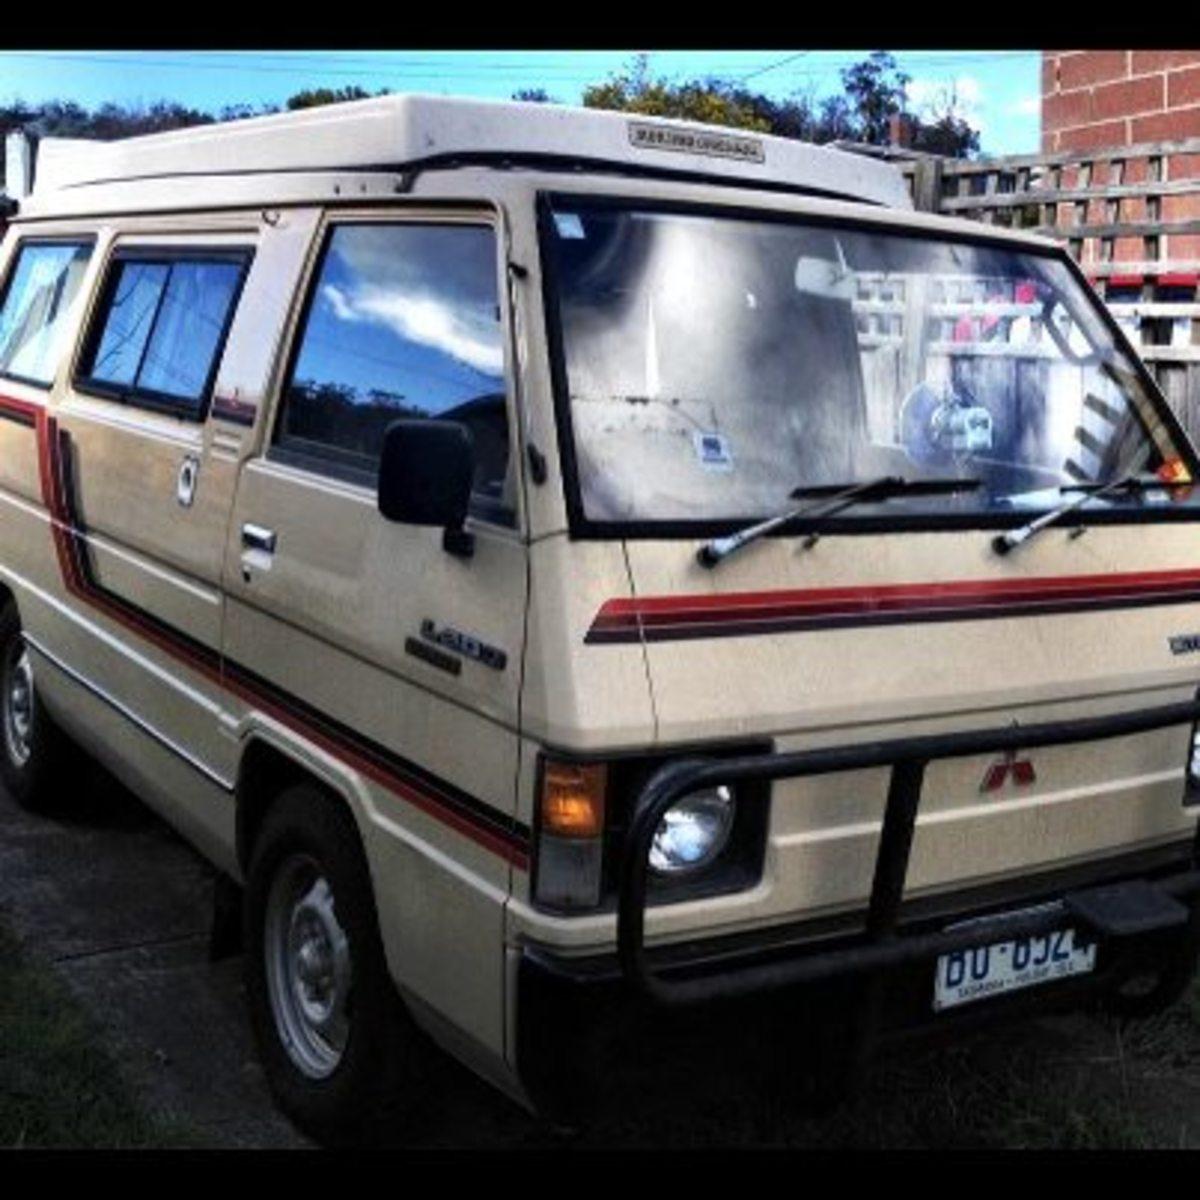 1983 Mitsubishi L300 Pop-top Camper-van.